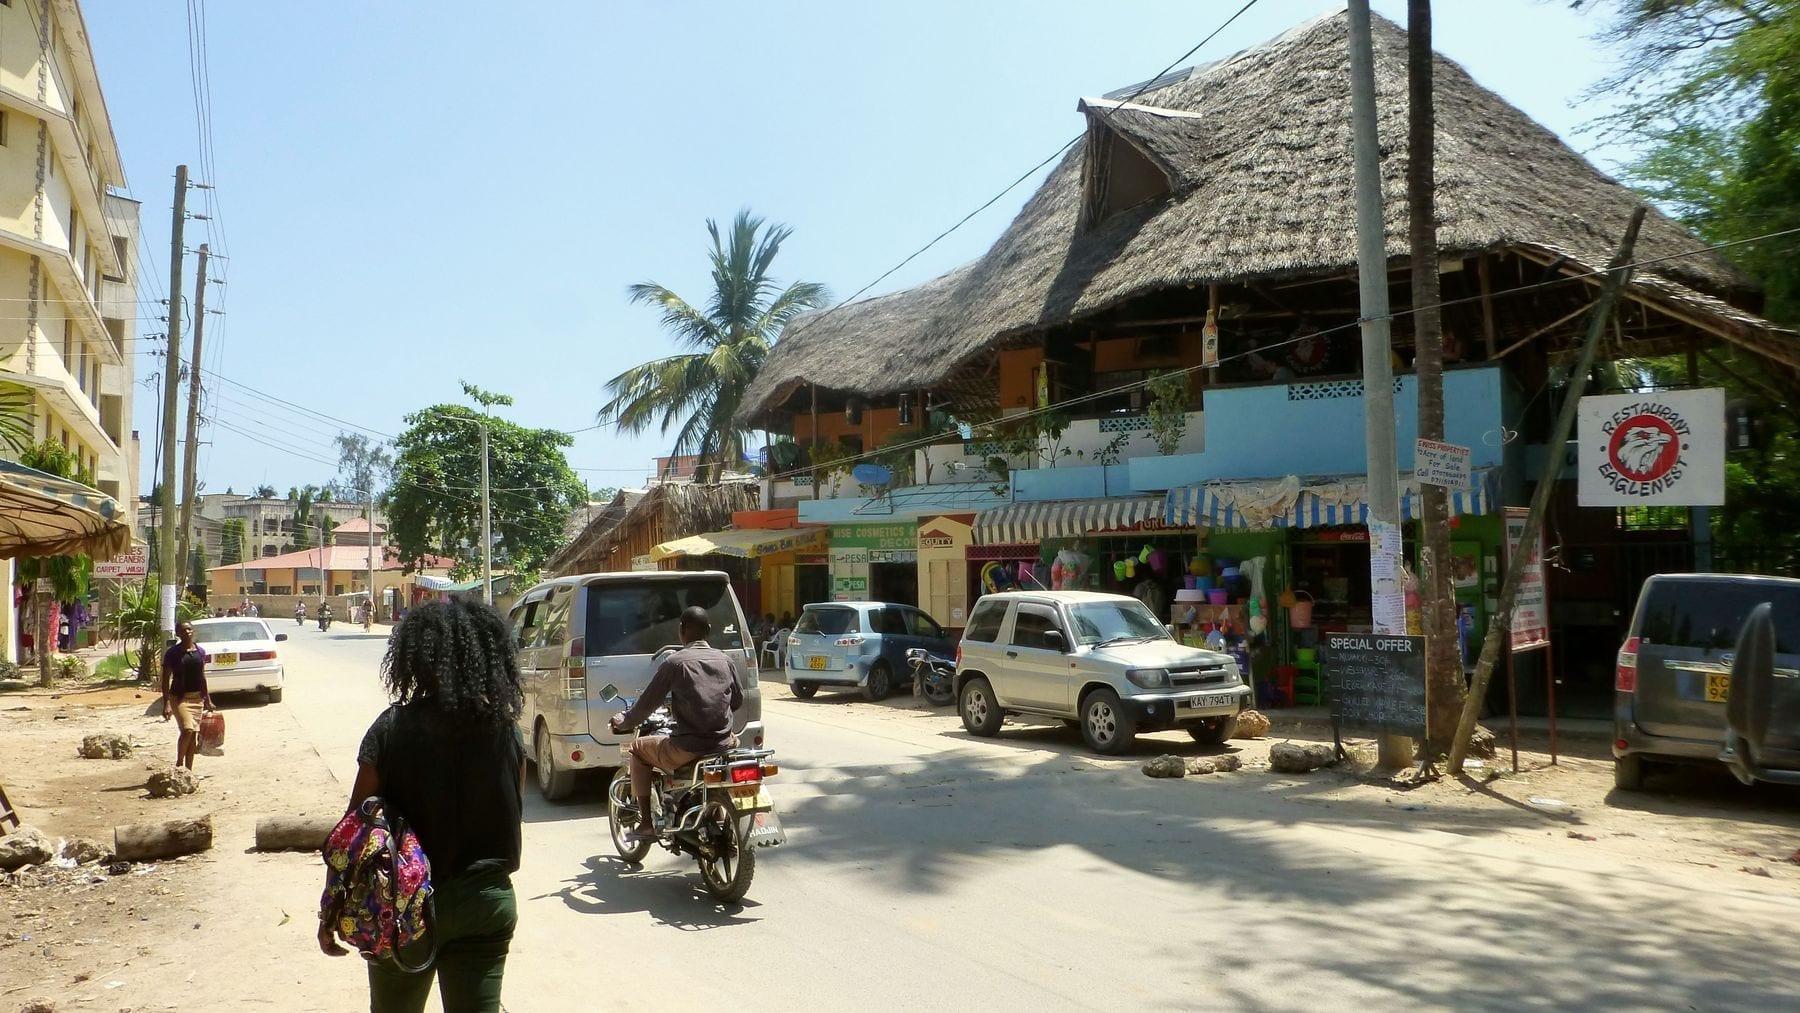 Restaurante en el centro de la ciudad Mtwapa Kenia